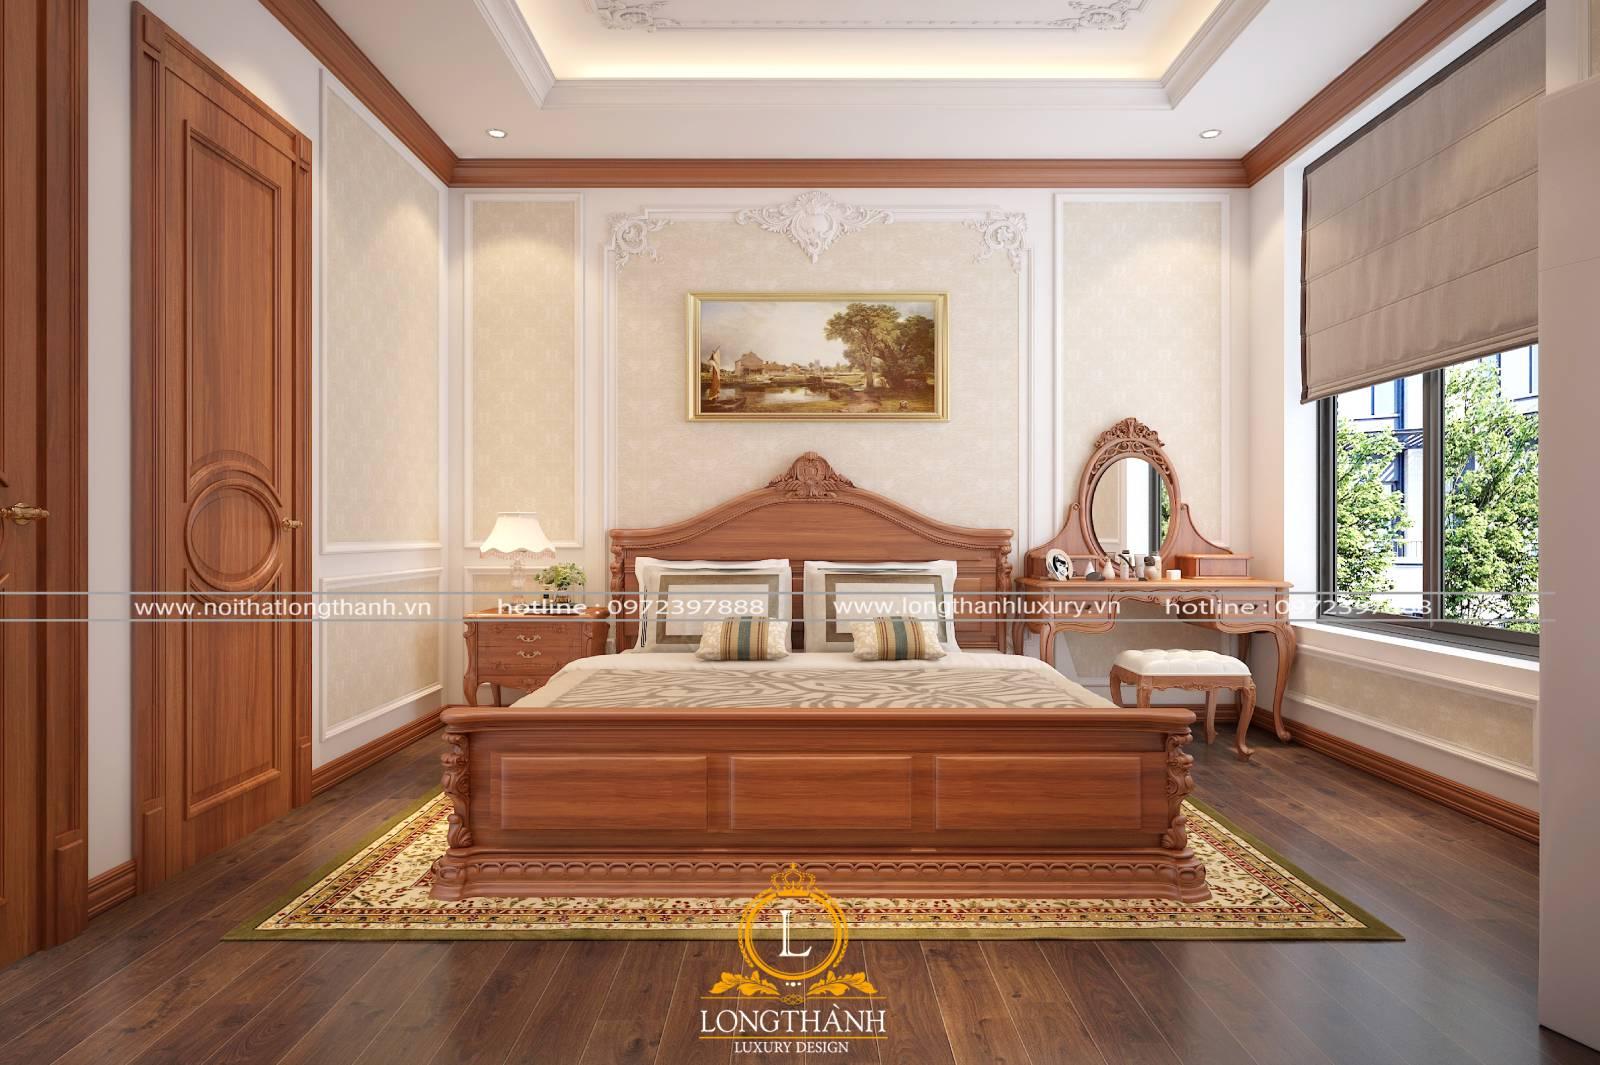 Giường ngủ master tân cổ điển làm từ chất liệu gỗ Sồi cao cấp